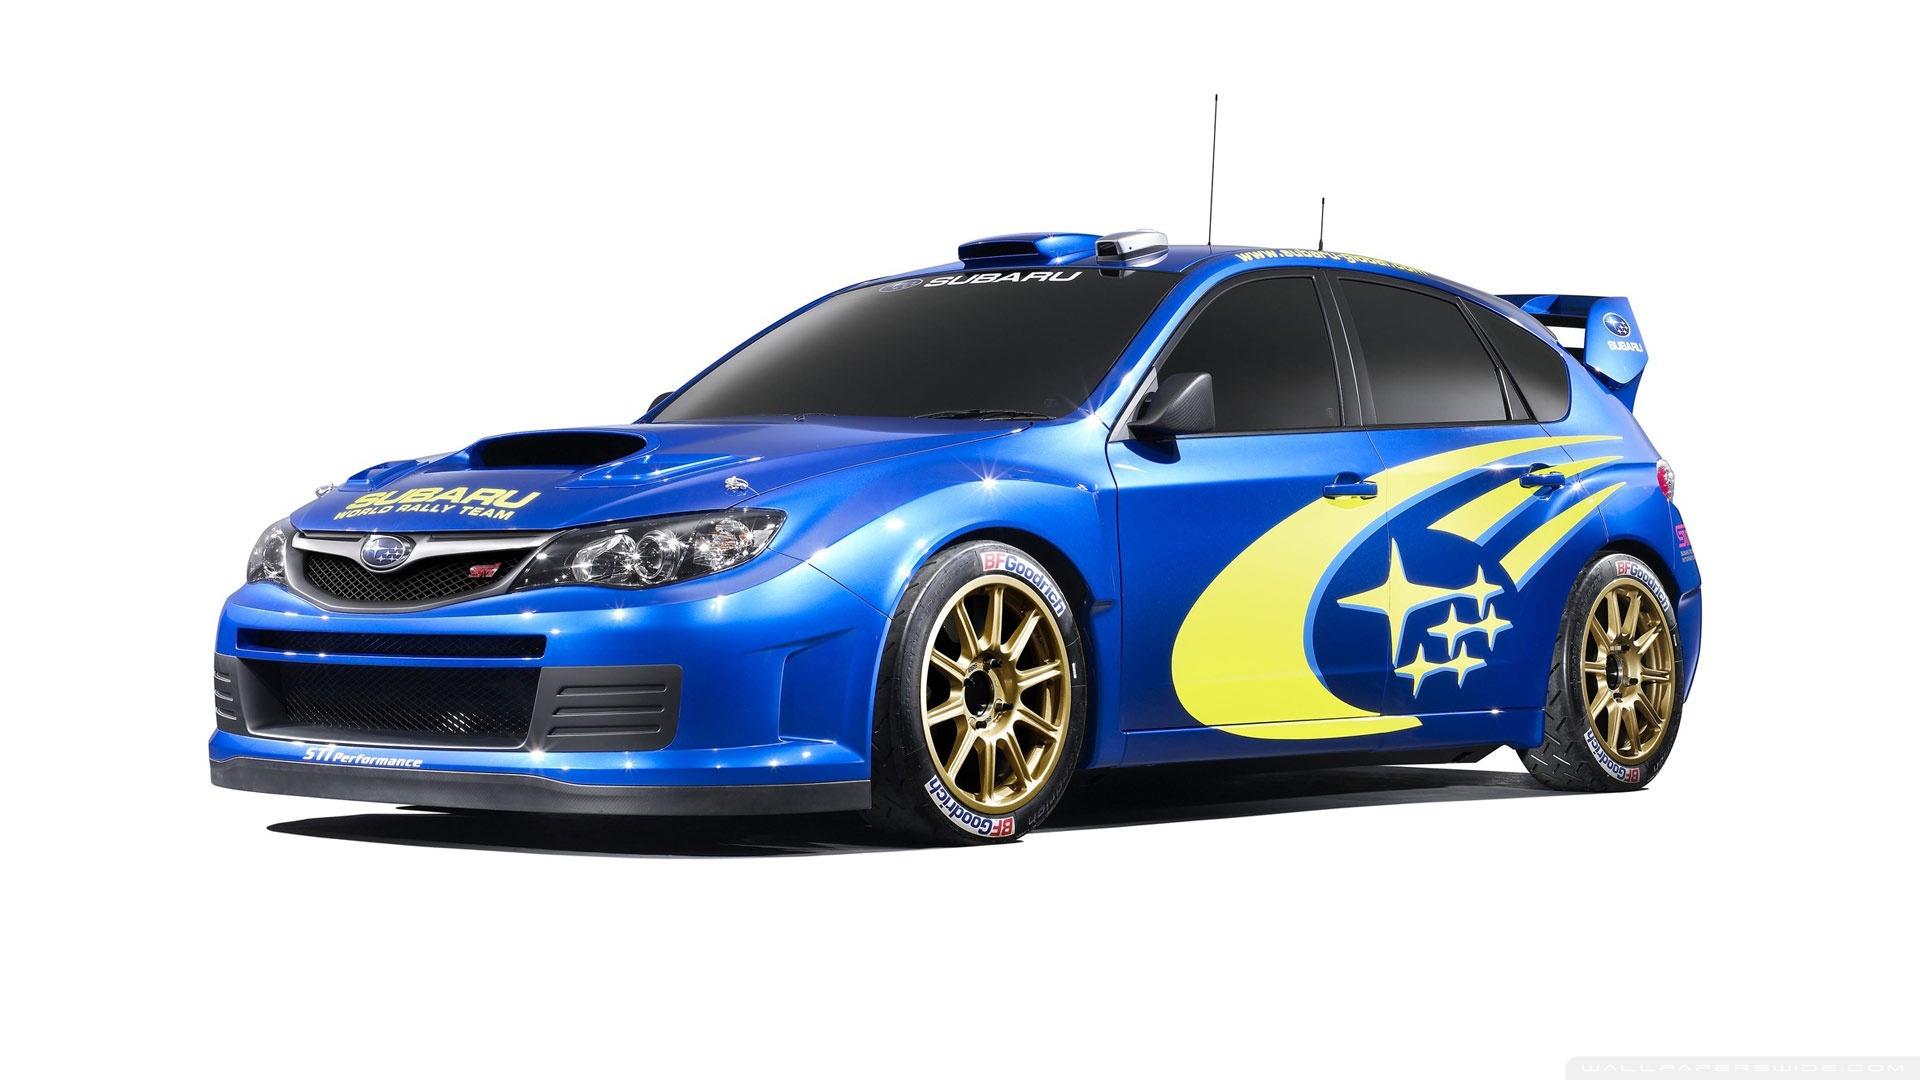 Субару, авто ралли, скачать фото, rally car SUBARU